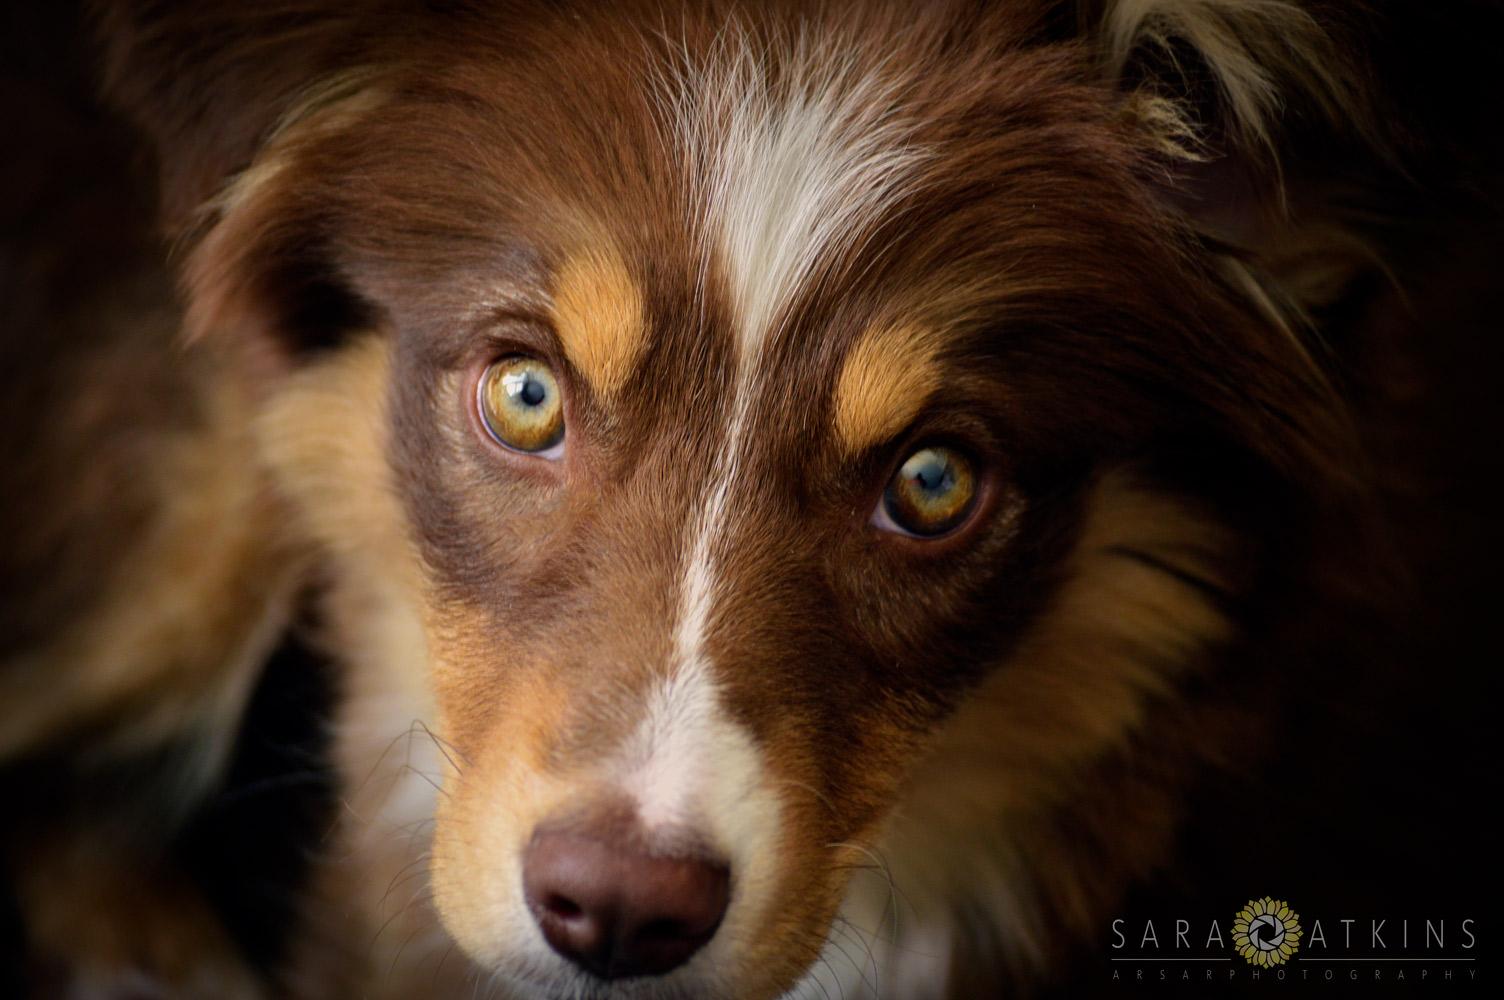 Sara Atkins-ARSAR Photography: Honey